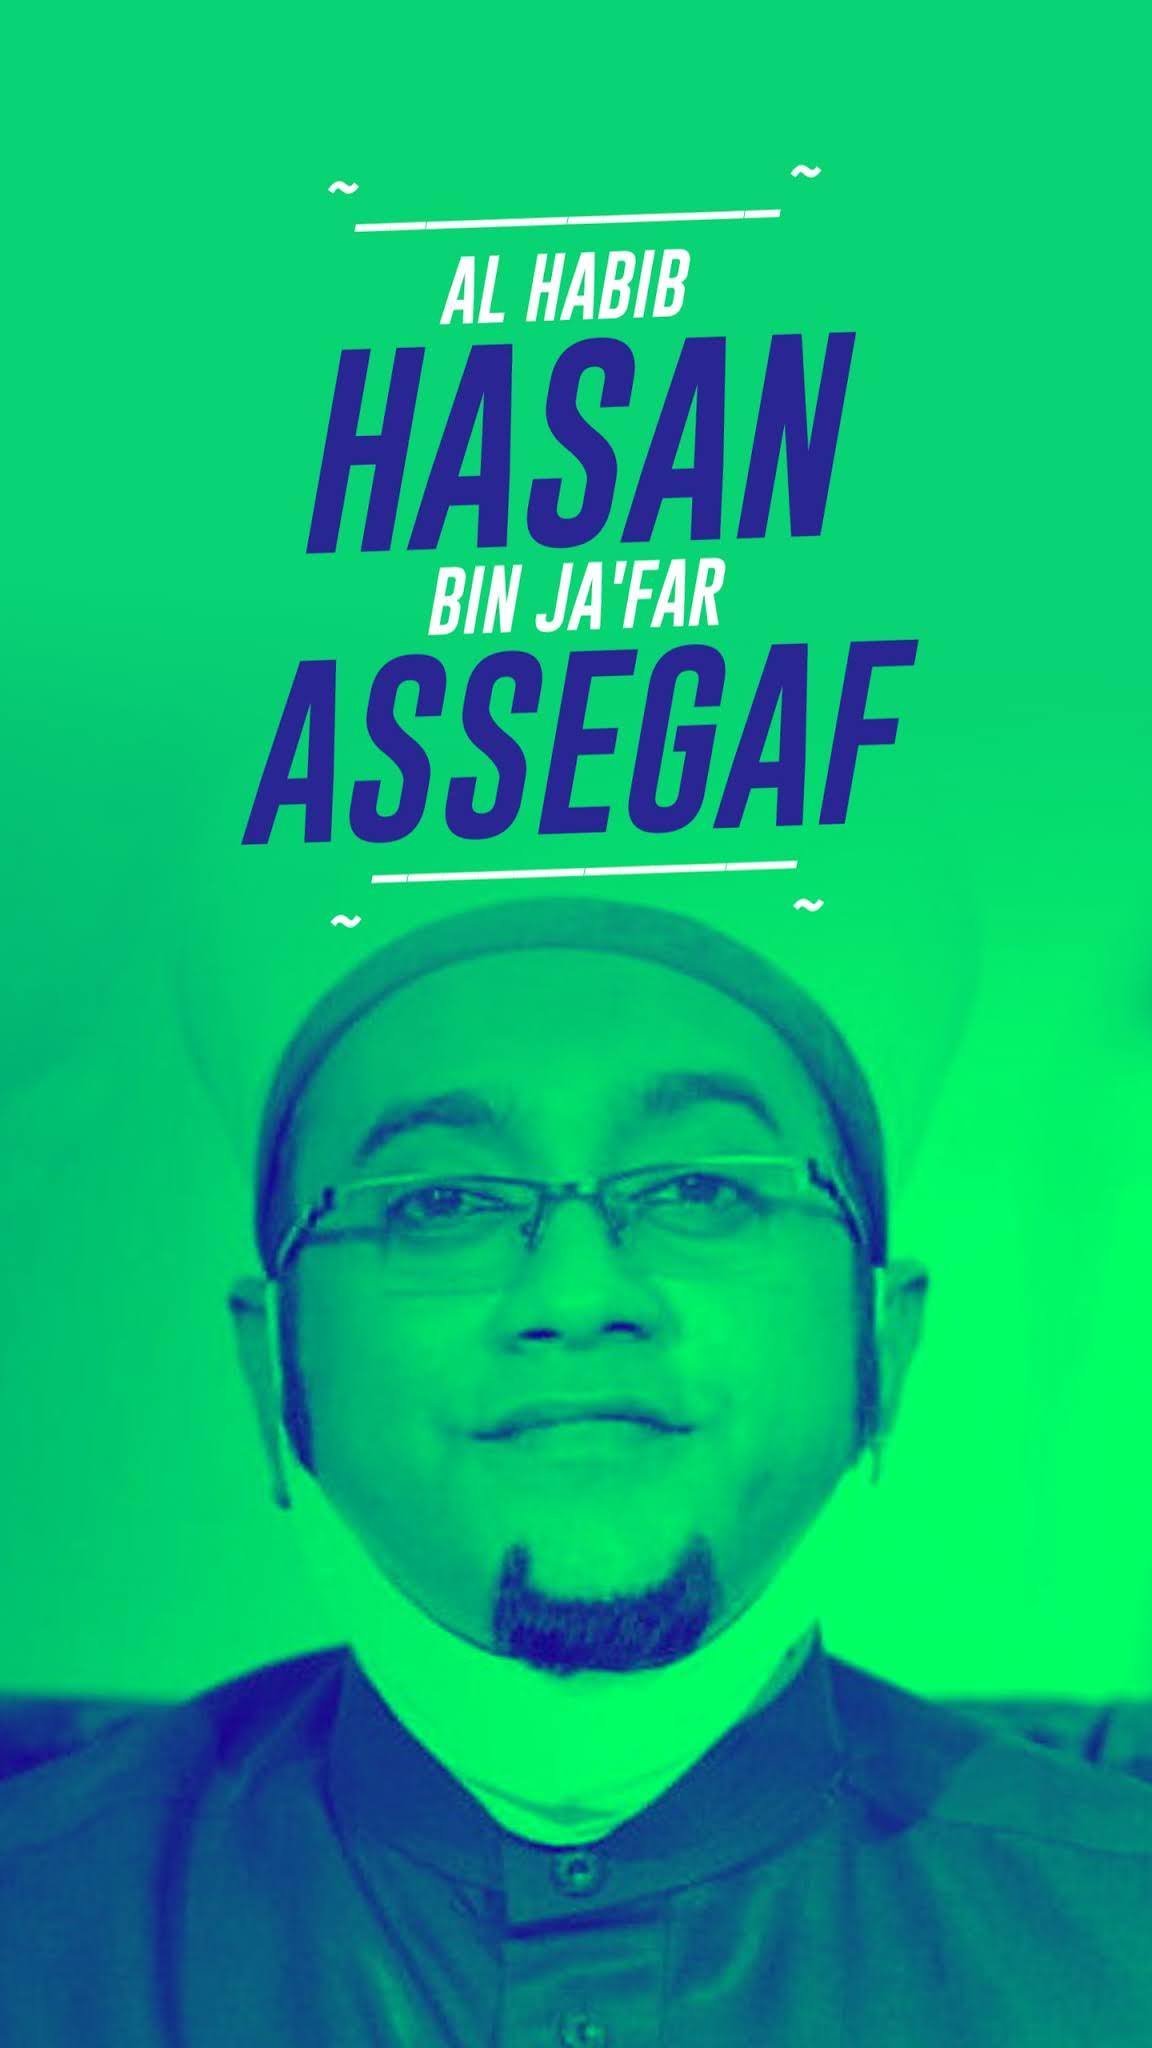 Download Wallpaper Habib Hasan 131020